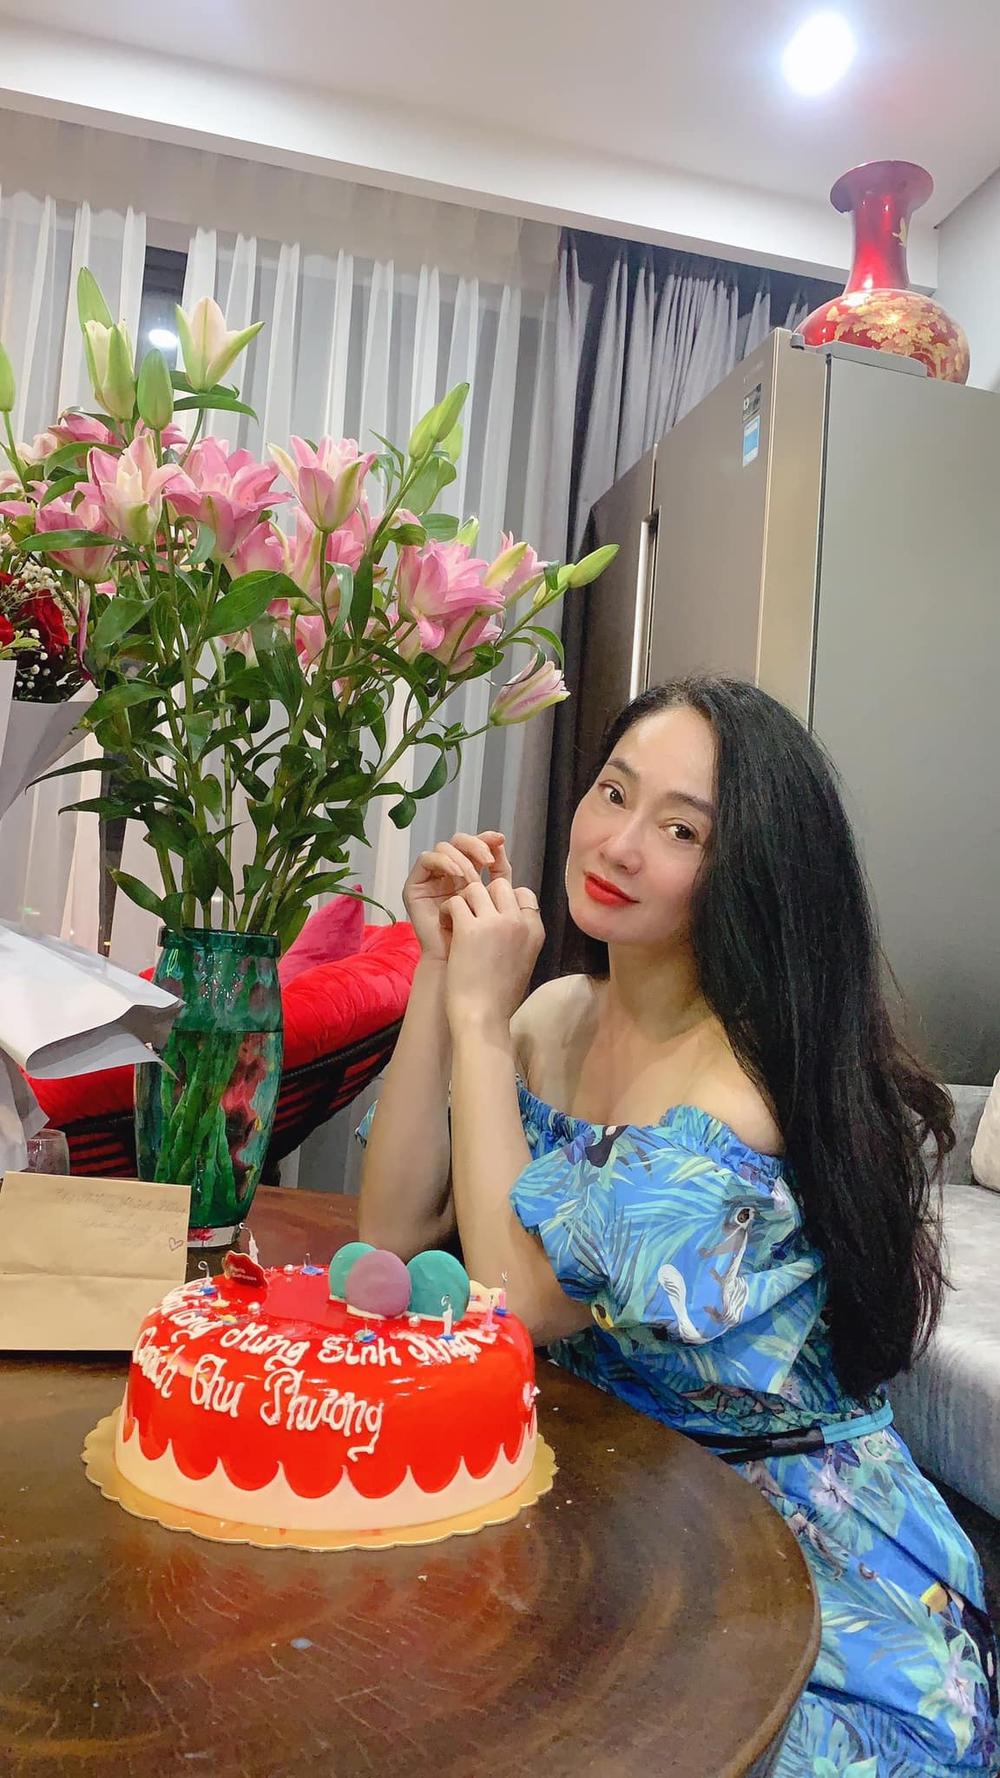 Nhan sắc U45 đài các nhưng không kém phần gợi cảm của bà Xuân Hương vị tình thân - Ảnh 9.